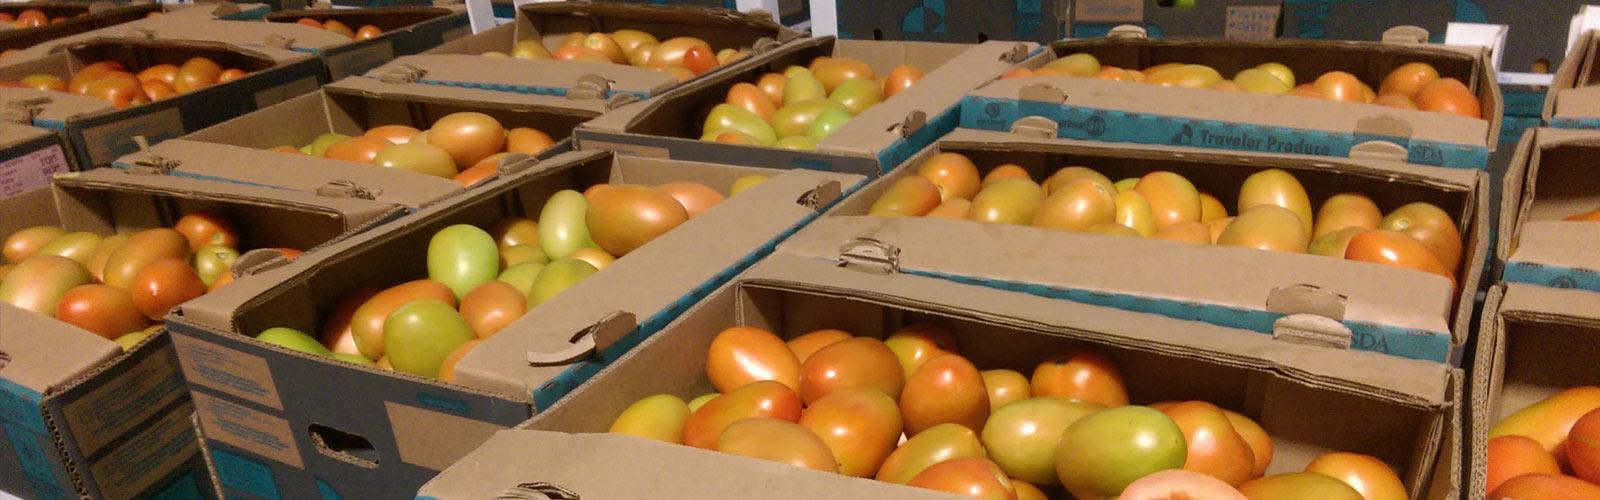 Exportadores de tomate roma 001